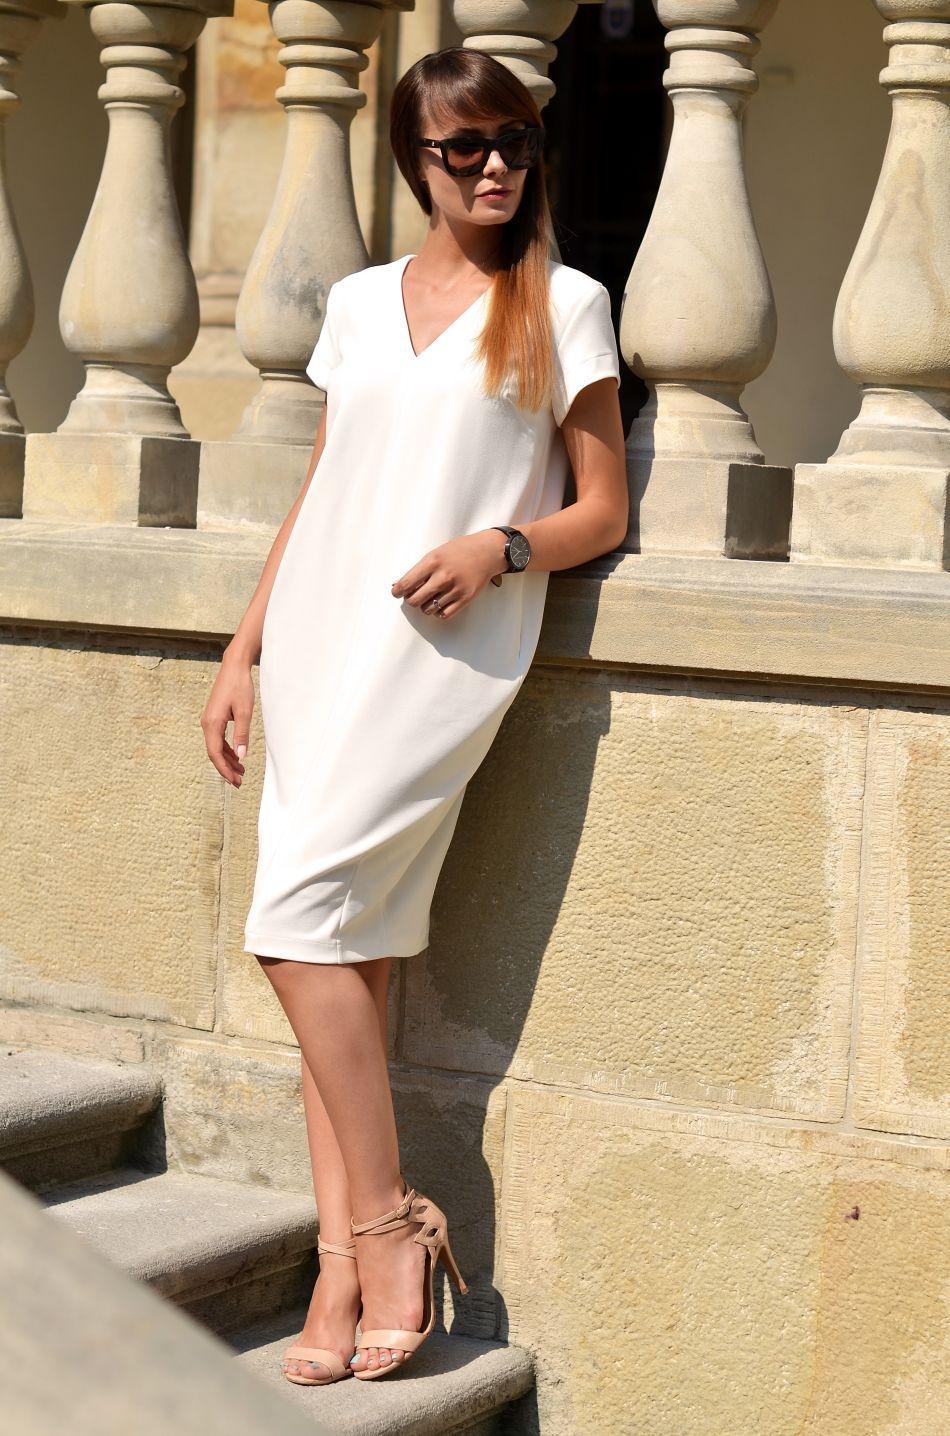 Dlaczego Nie Warto Martwic Sie Tym Co Mowia Inni Cammy Blog O Modzie Lifestylowy O Urodzie Poradnik Motywacja Fashion Dresses Summer Ready